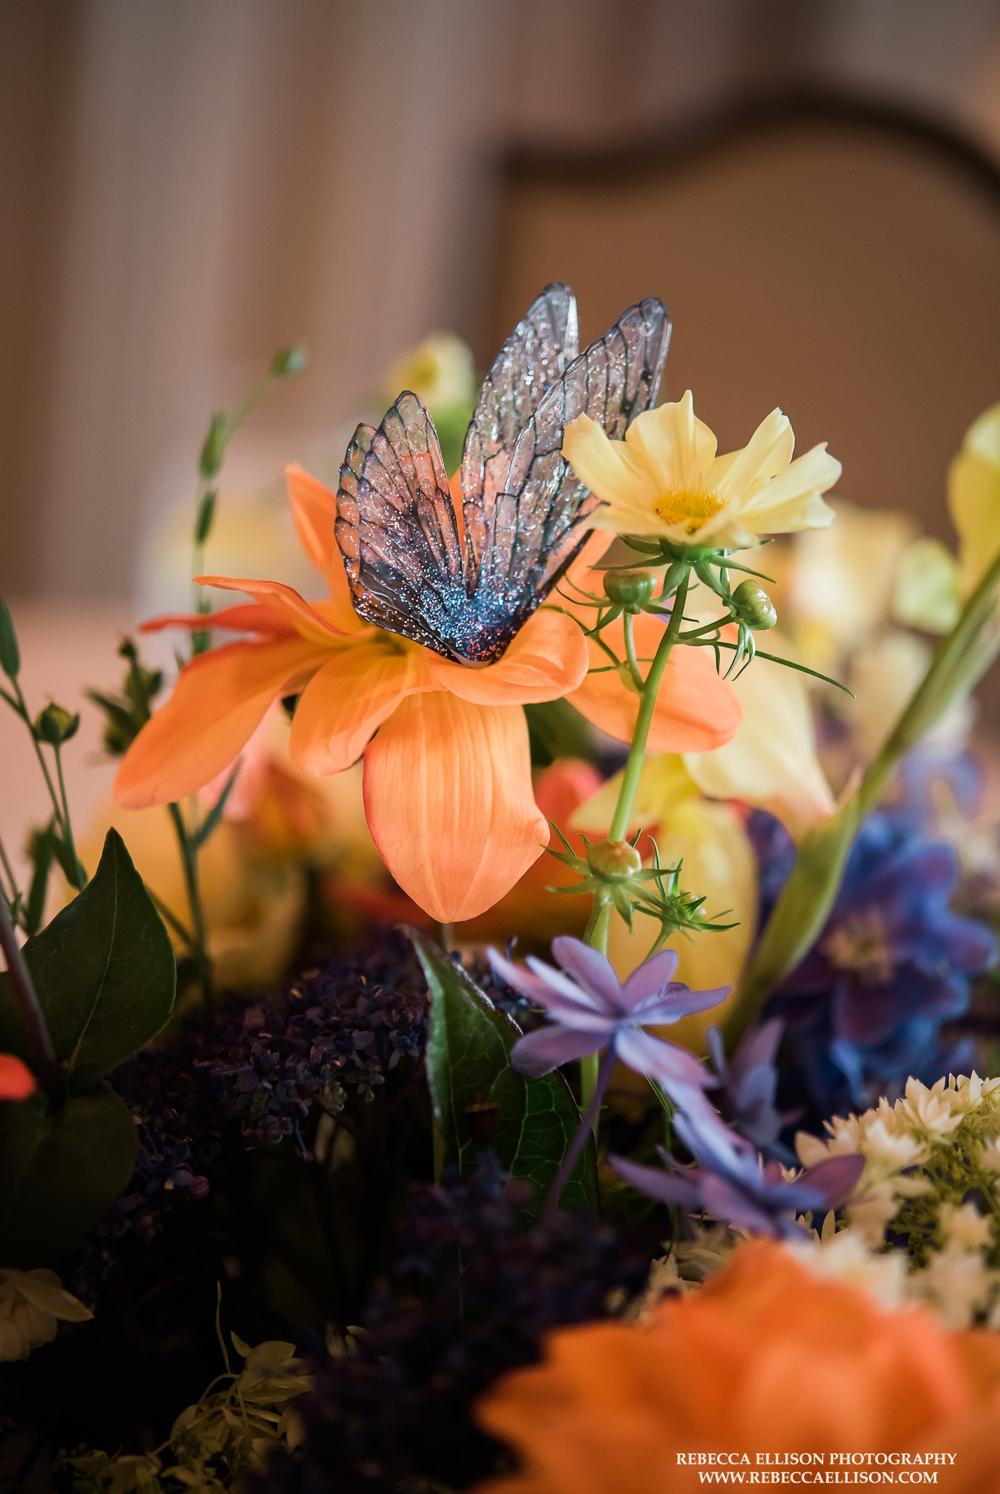 butterfly-flower-detail